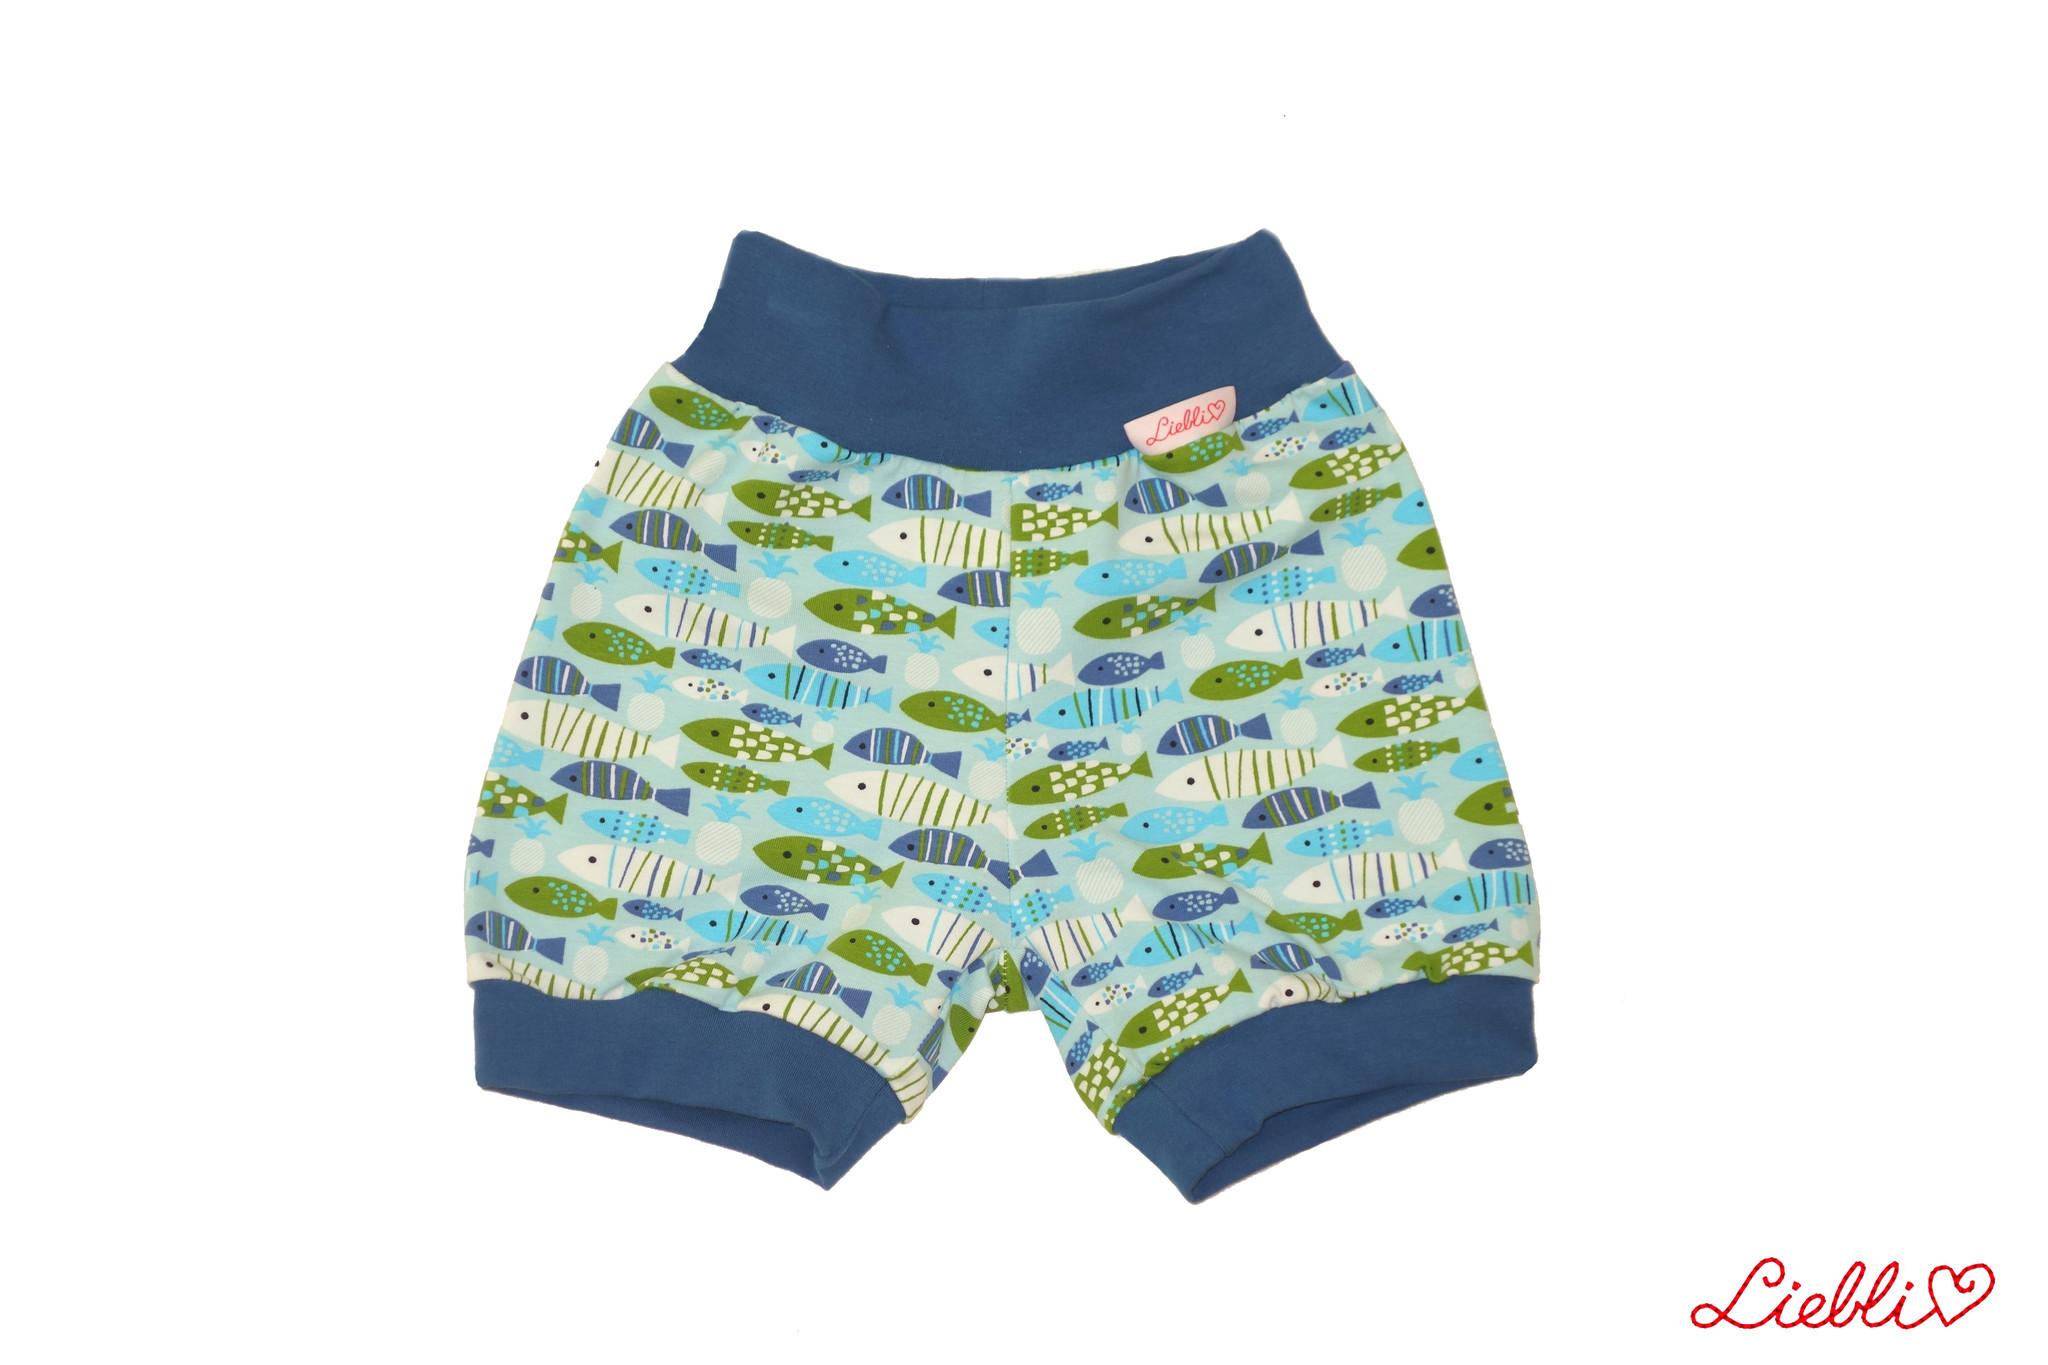 Bunter Short, kleine Fische blau grün